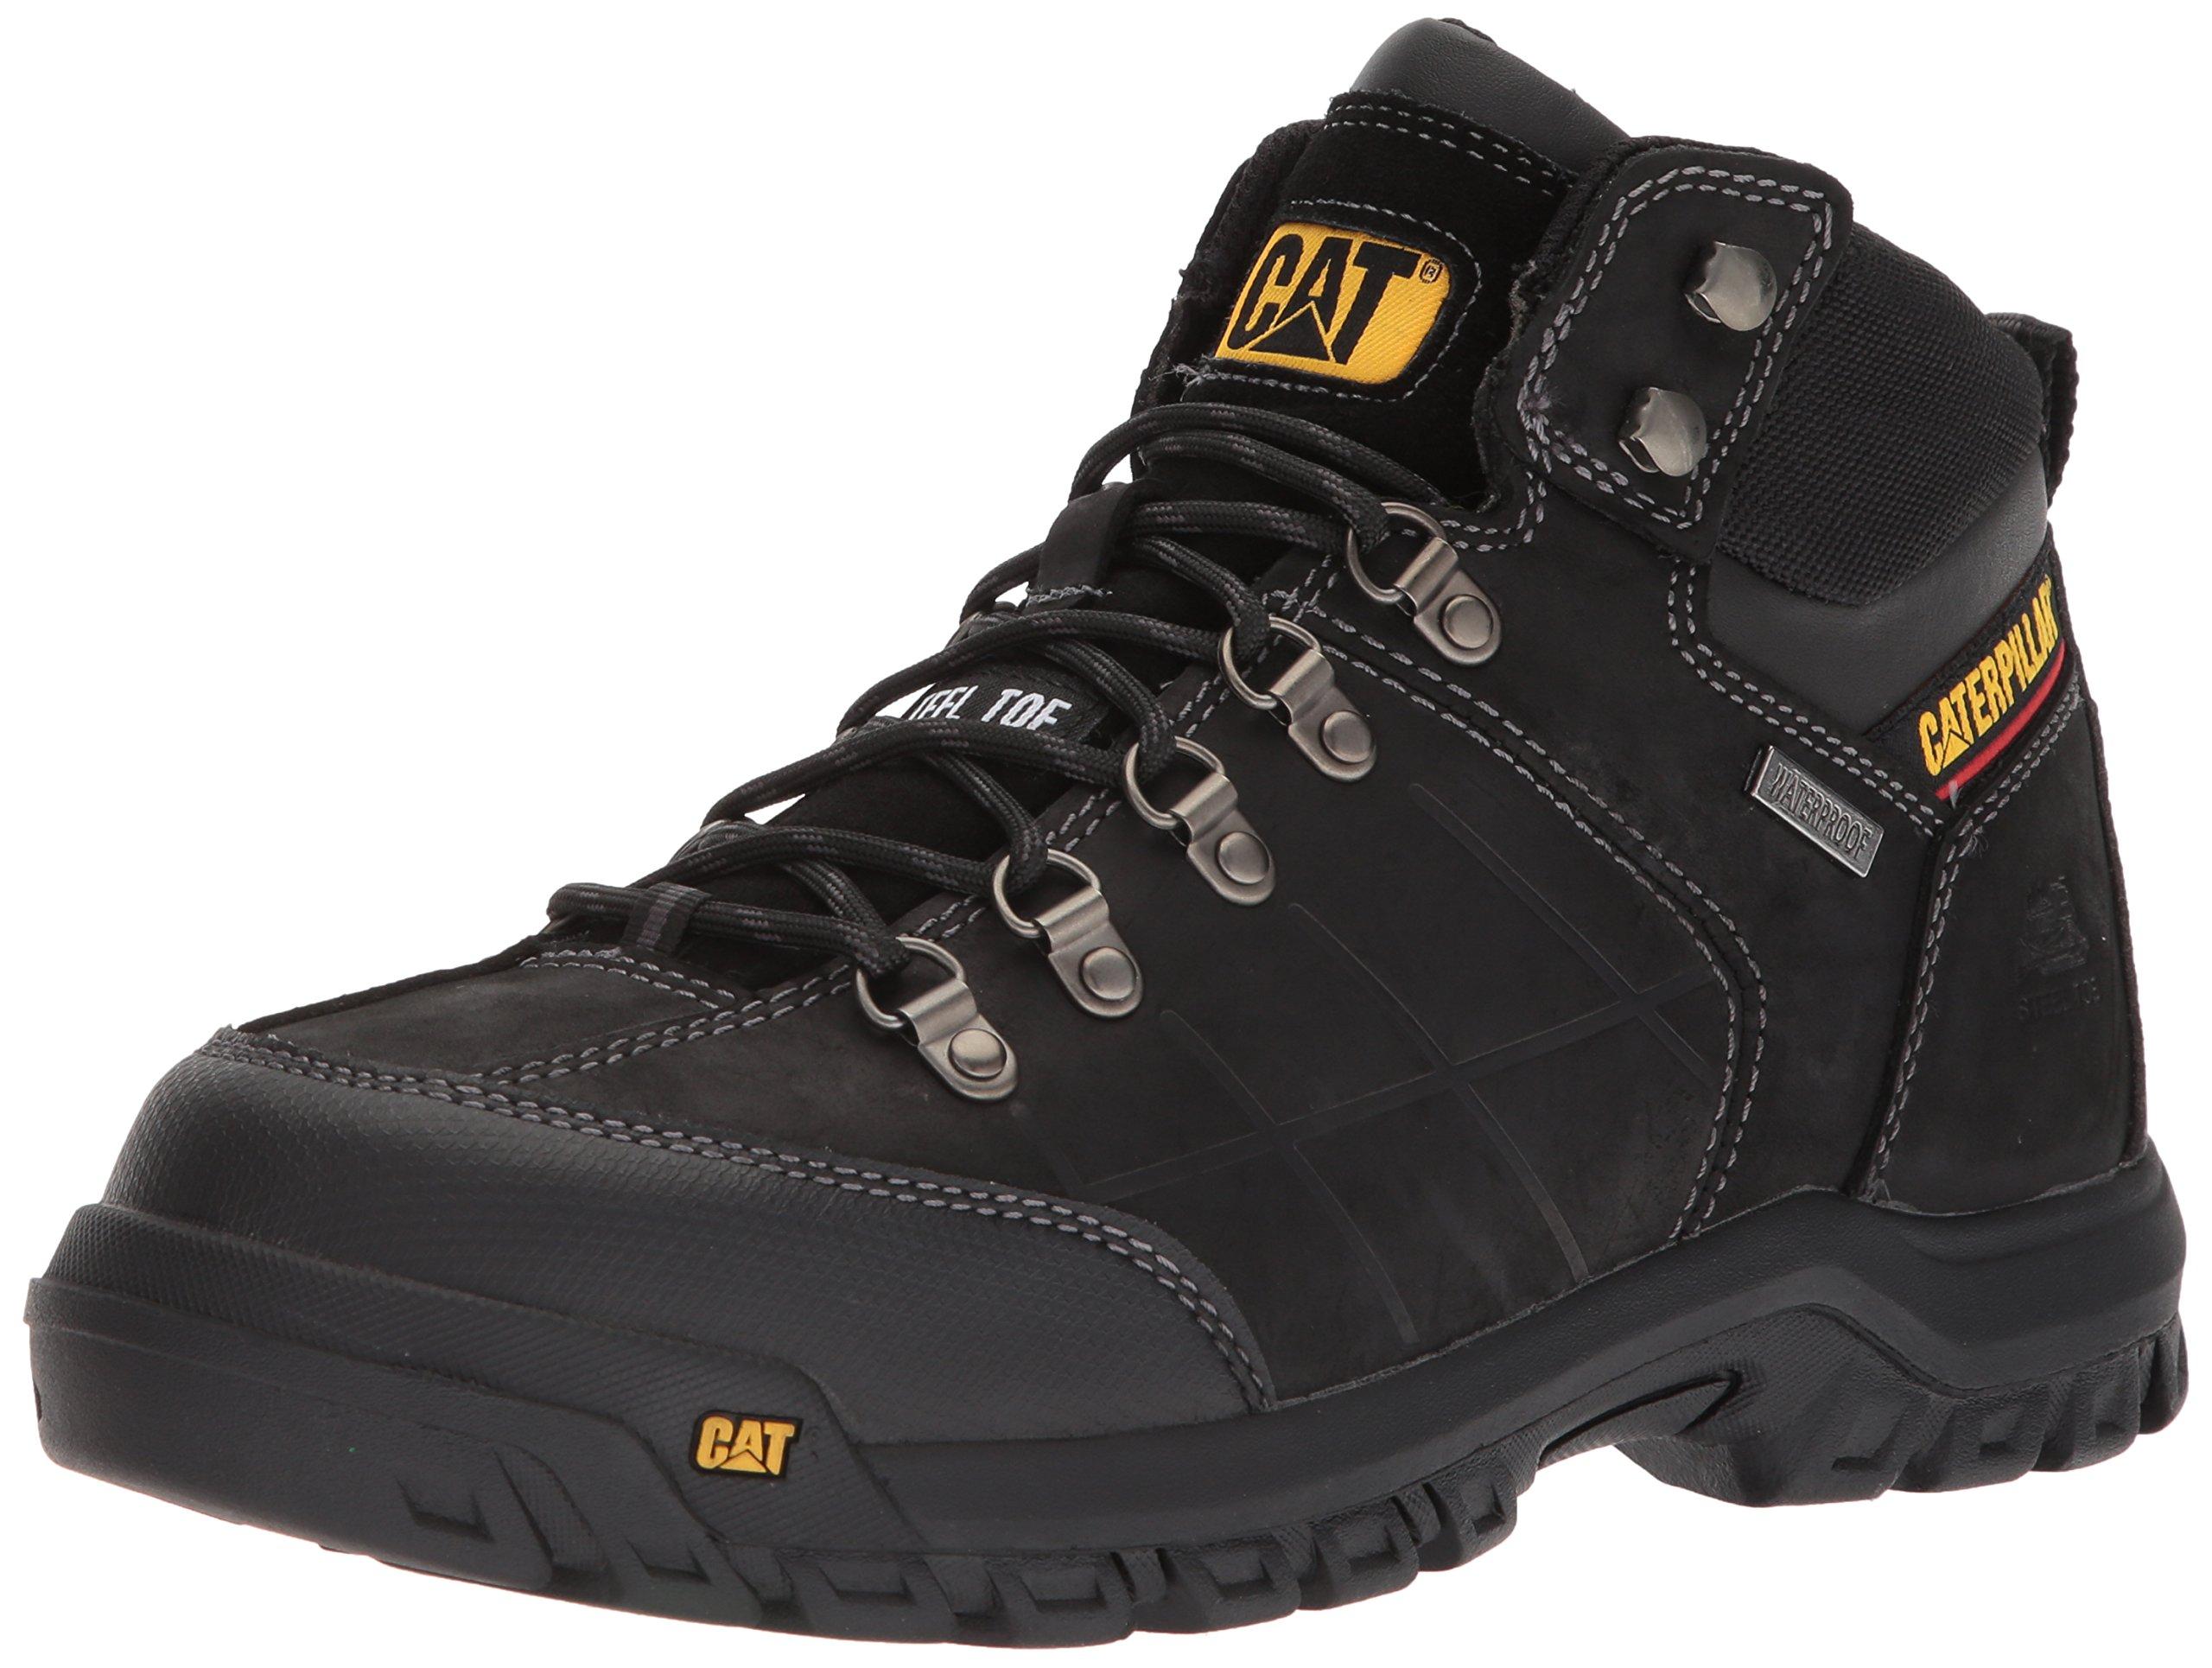 Caterpillar Men's Threshold Waterproof Steel Toe Industrial Boot, Black, 10 W US